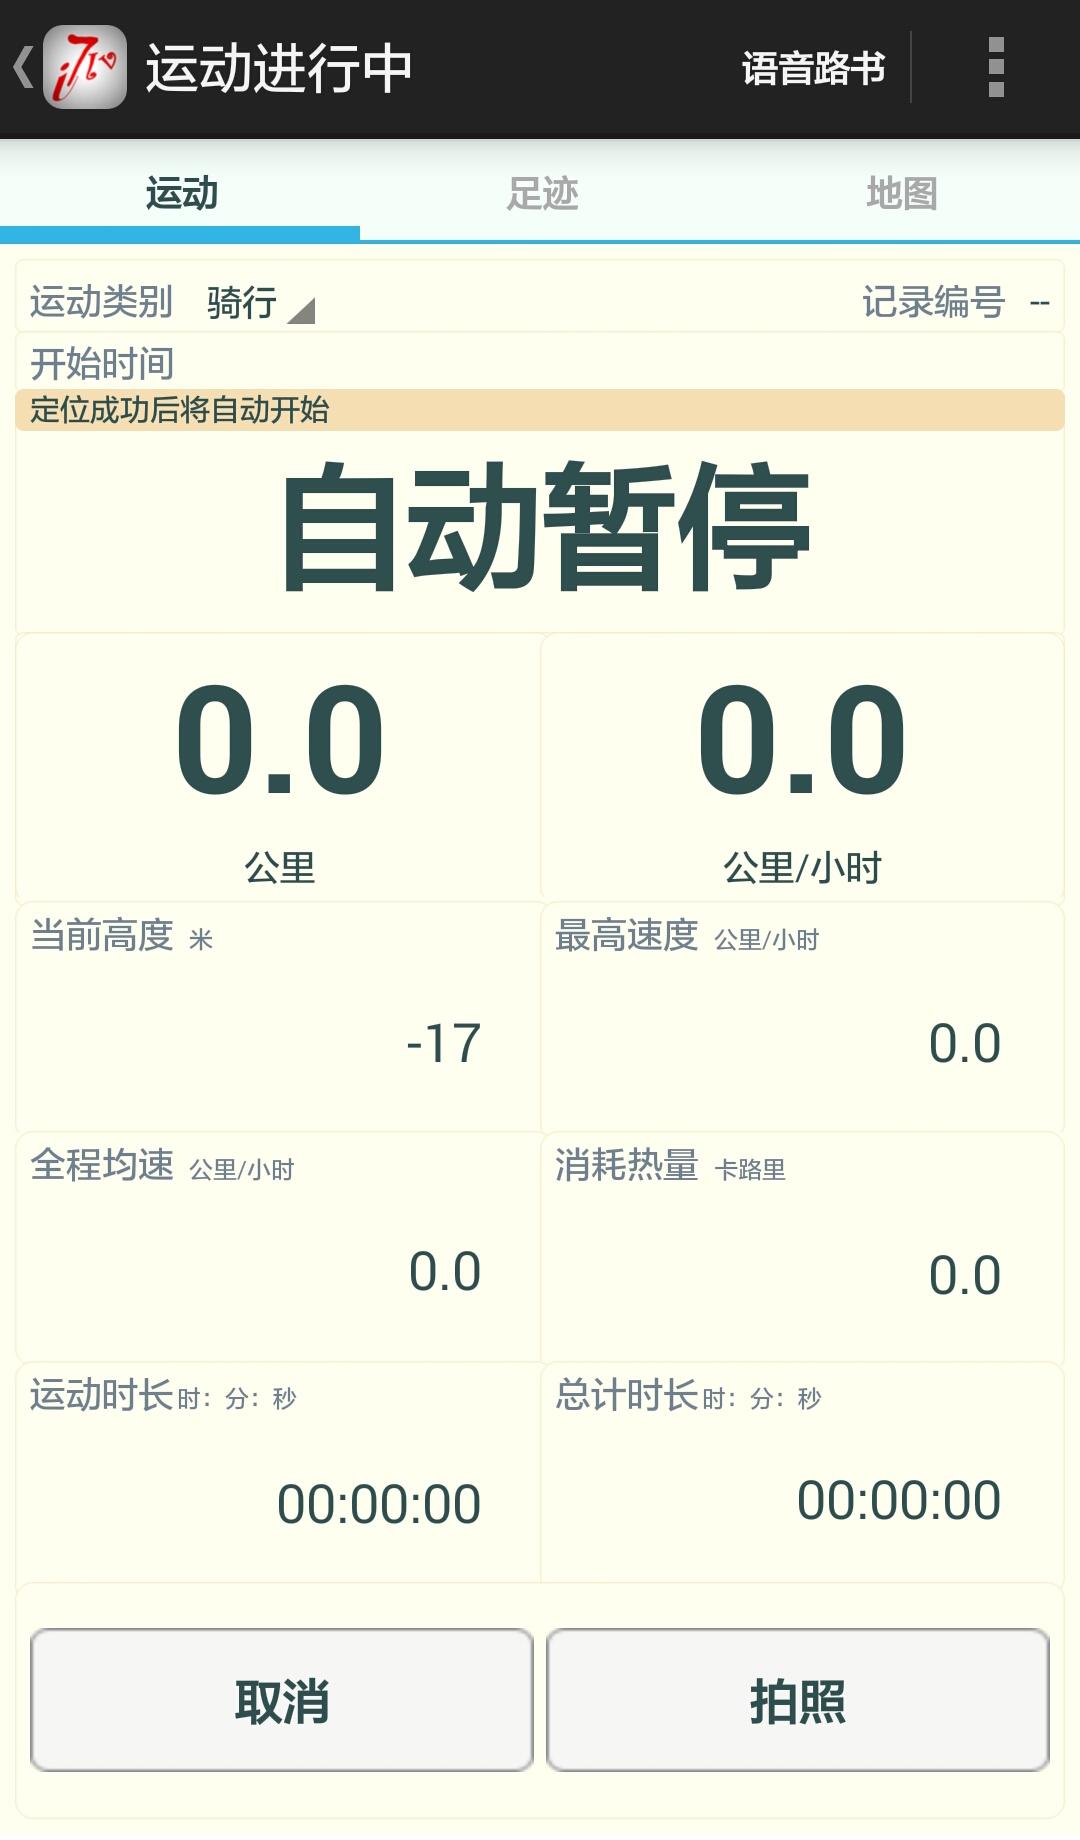 爱骑驴骑车导航软件下载app手机版图5: